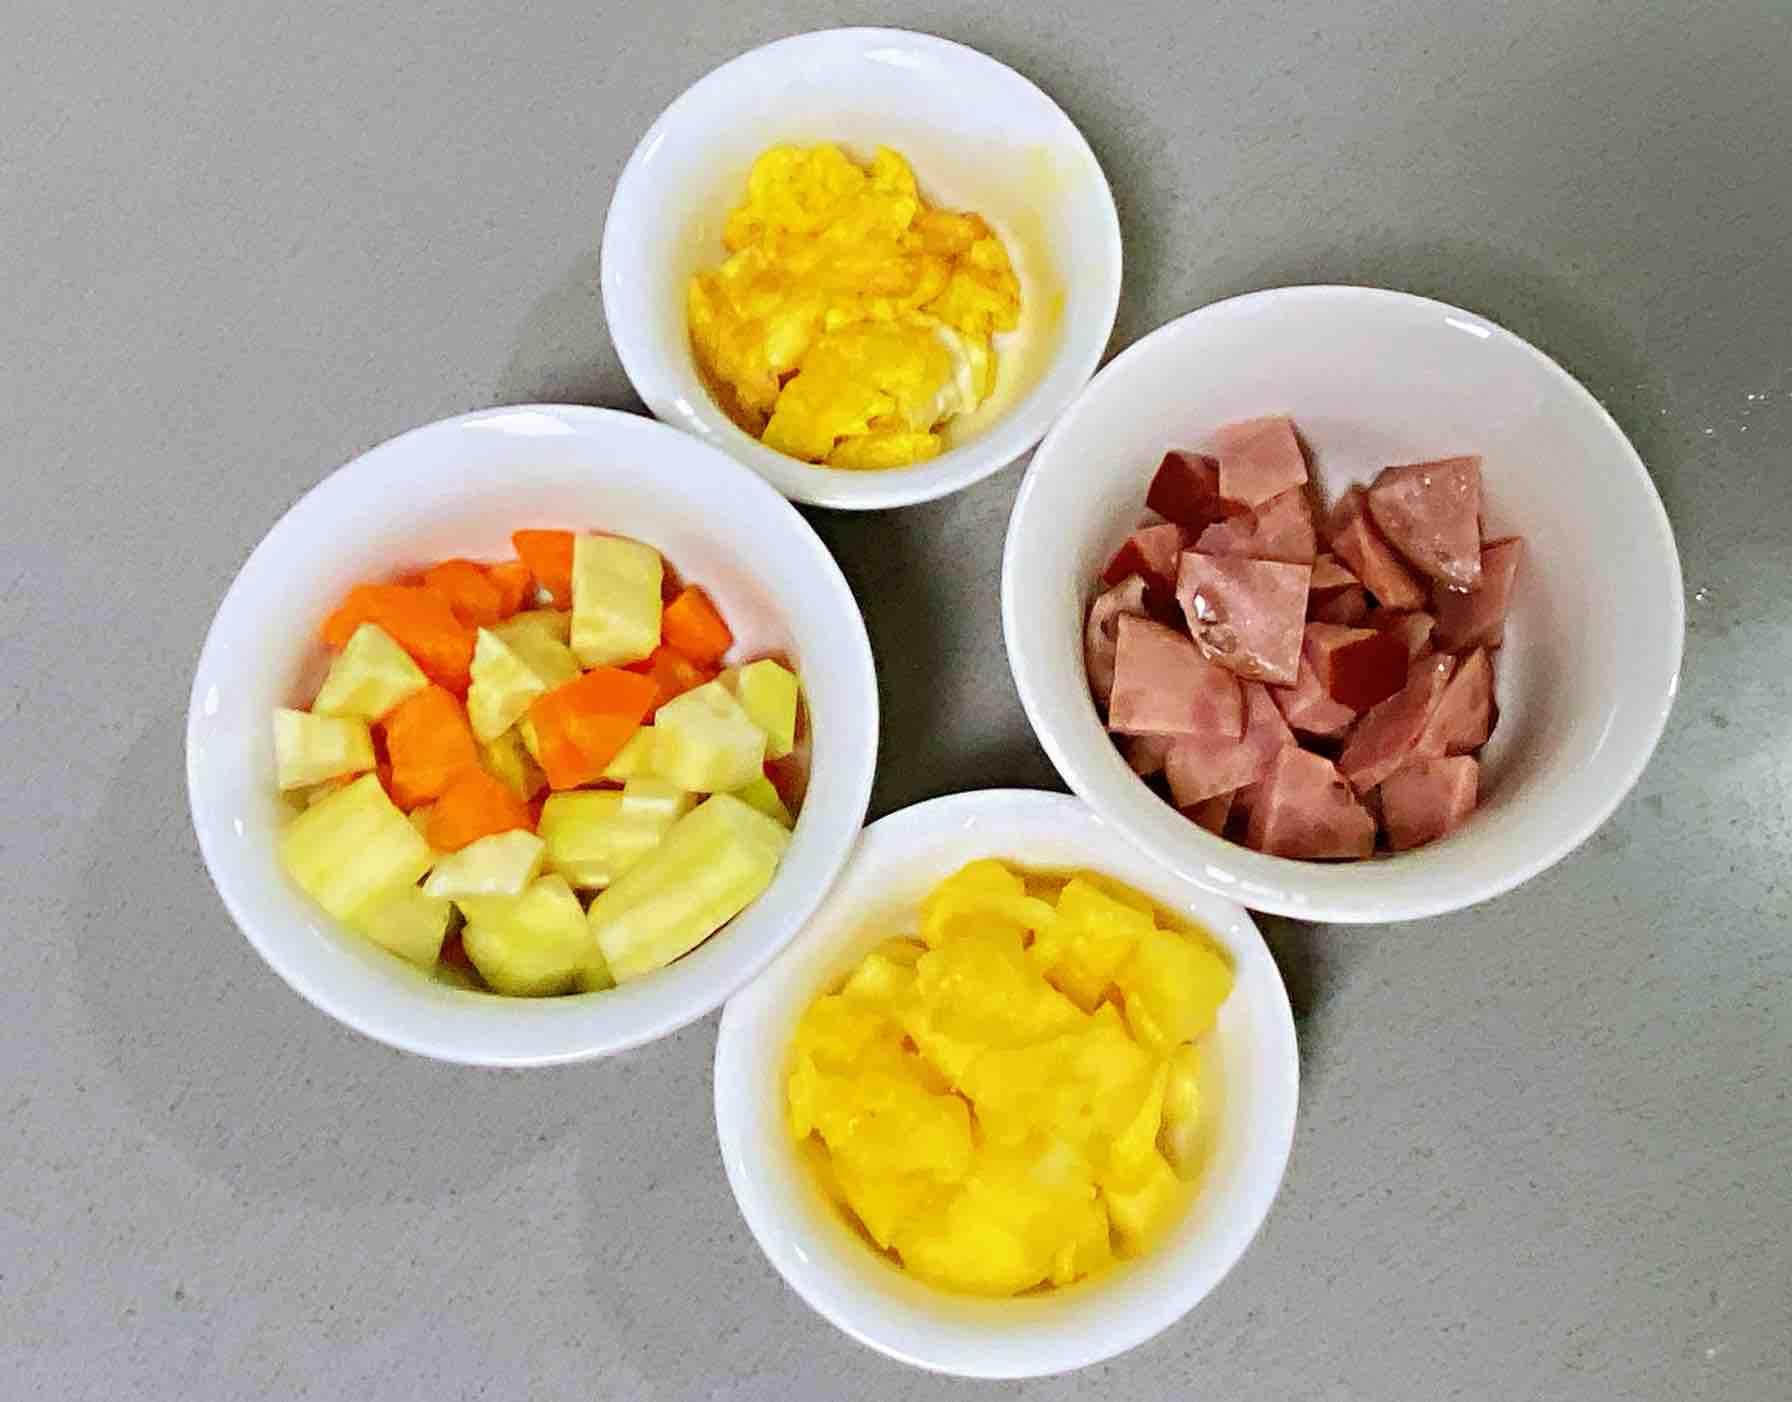 【孕妇食谱】五彩凤梨饭,色泽鲜艳,香甜可口又营养~的步骤